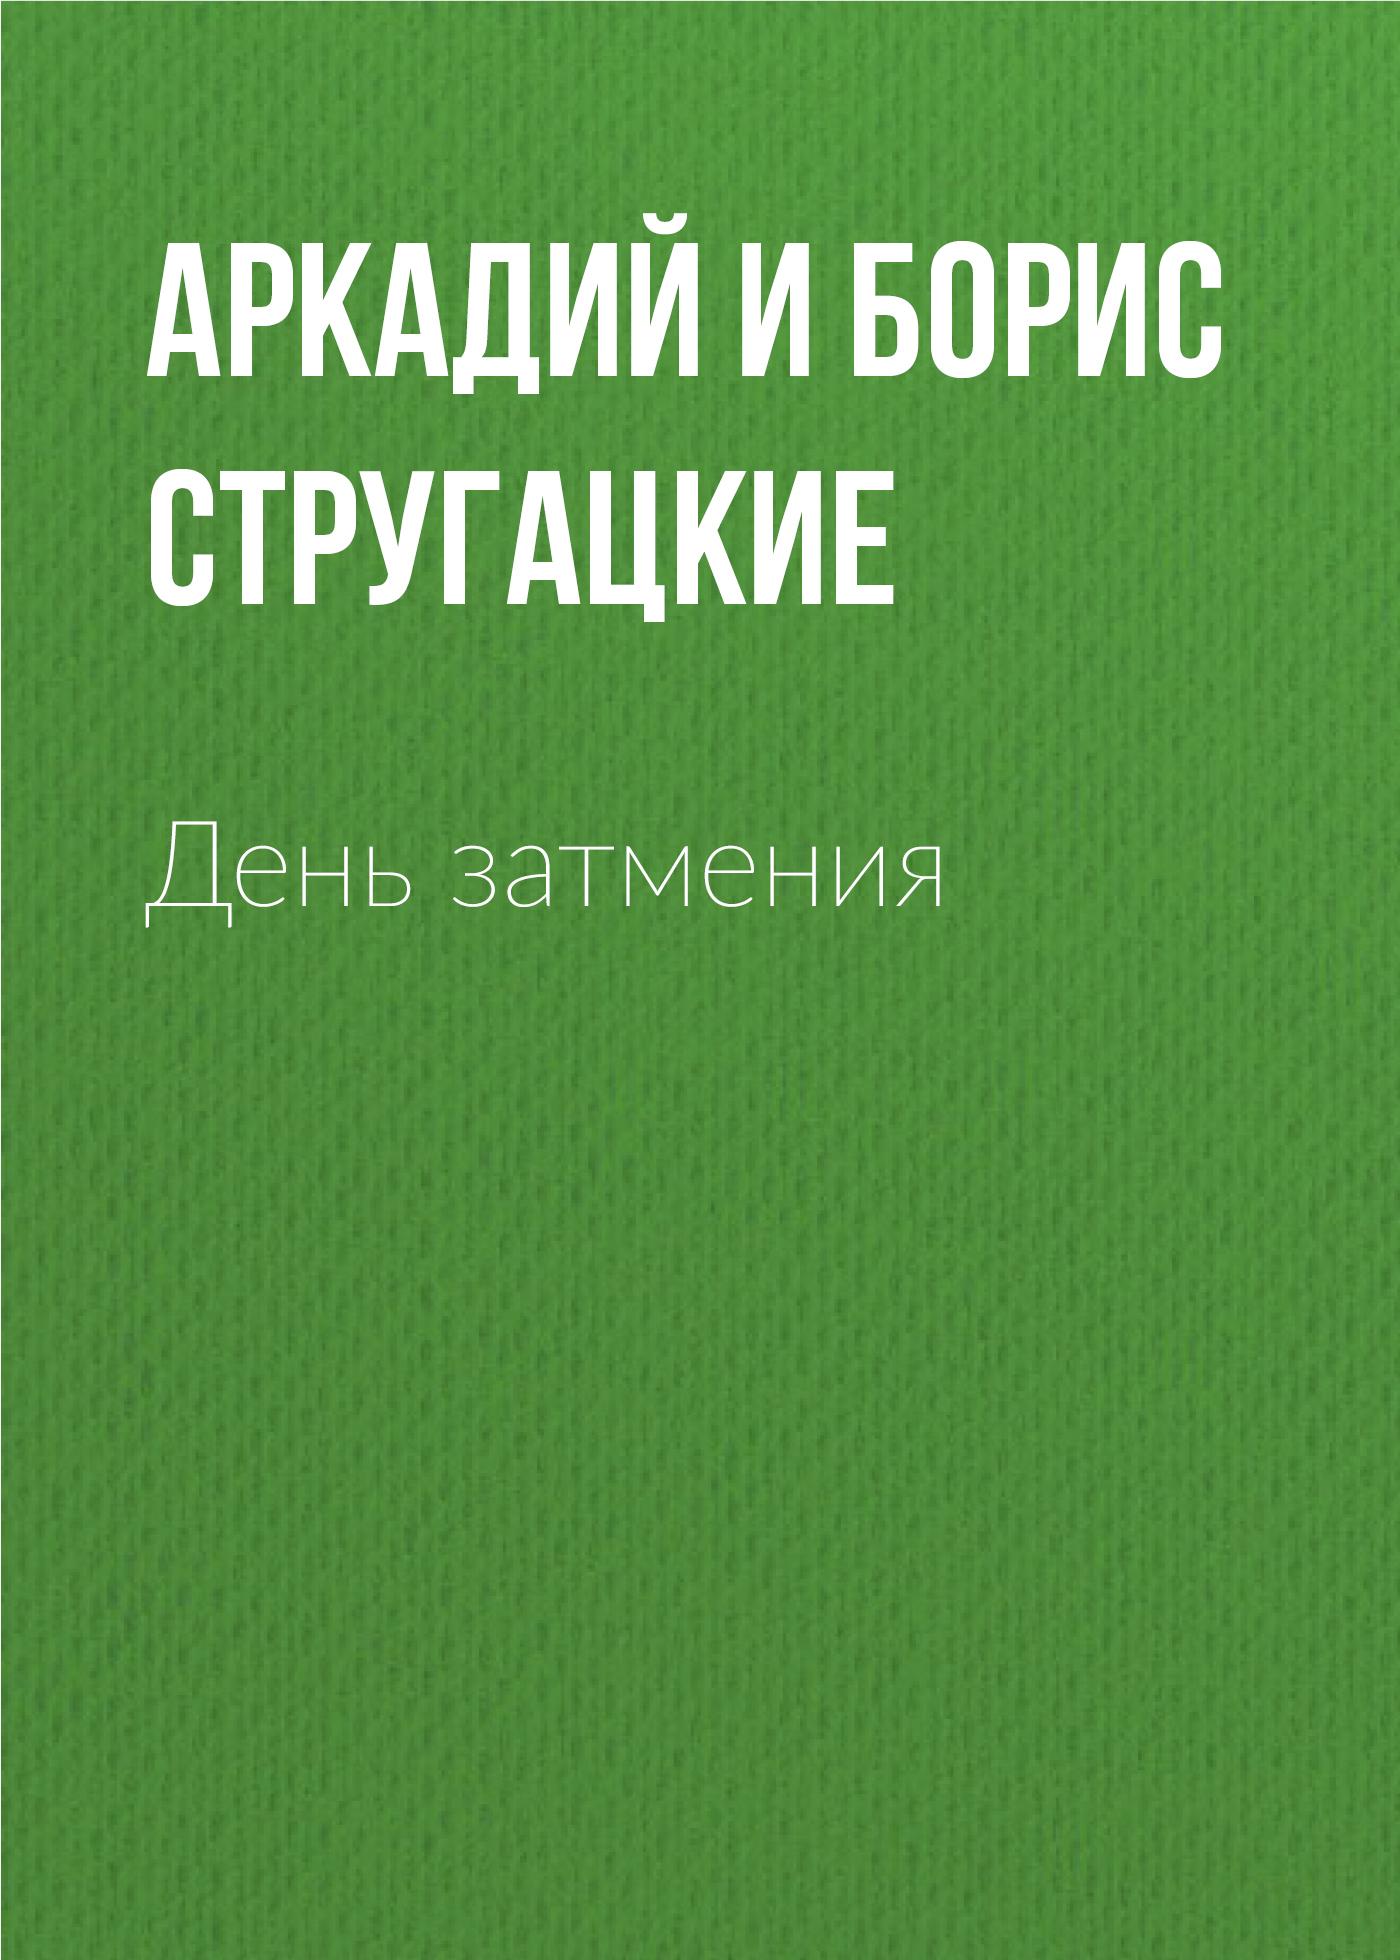 Аркадий и Борис Стругацкие День затмения